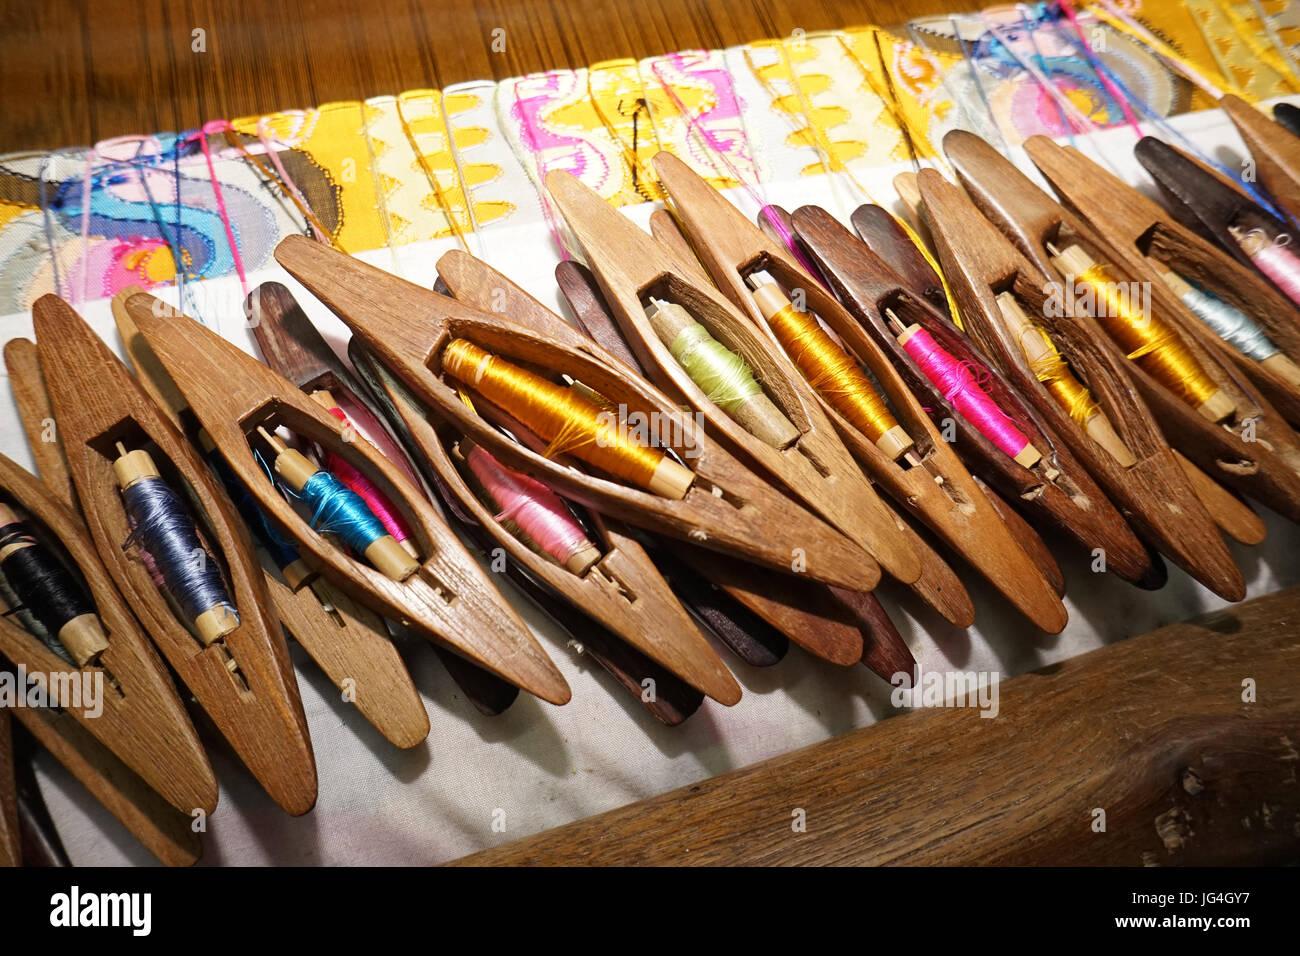 Outils pour le matériel de tissage au Myanmar, en Asie du sud-est Banque D'Images